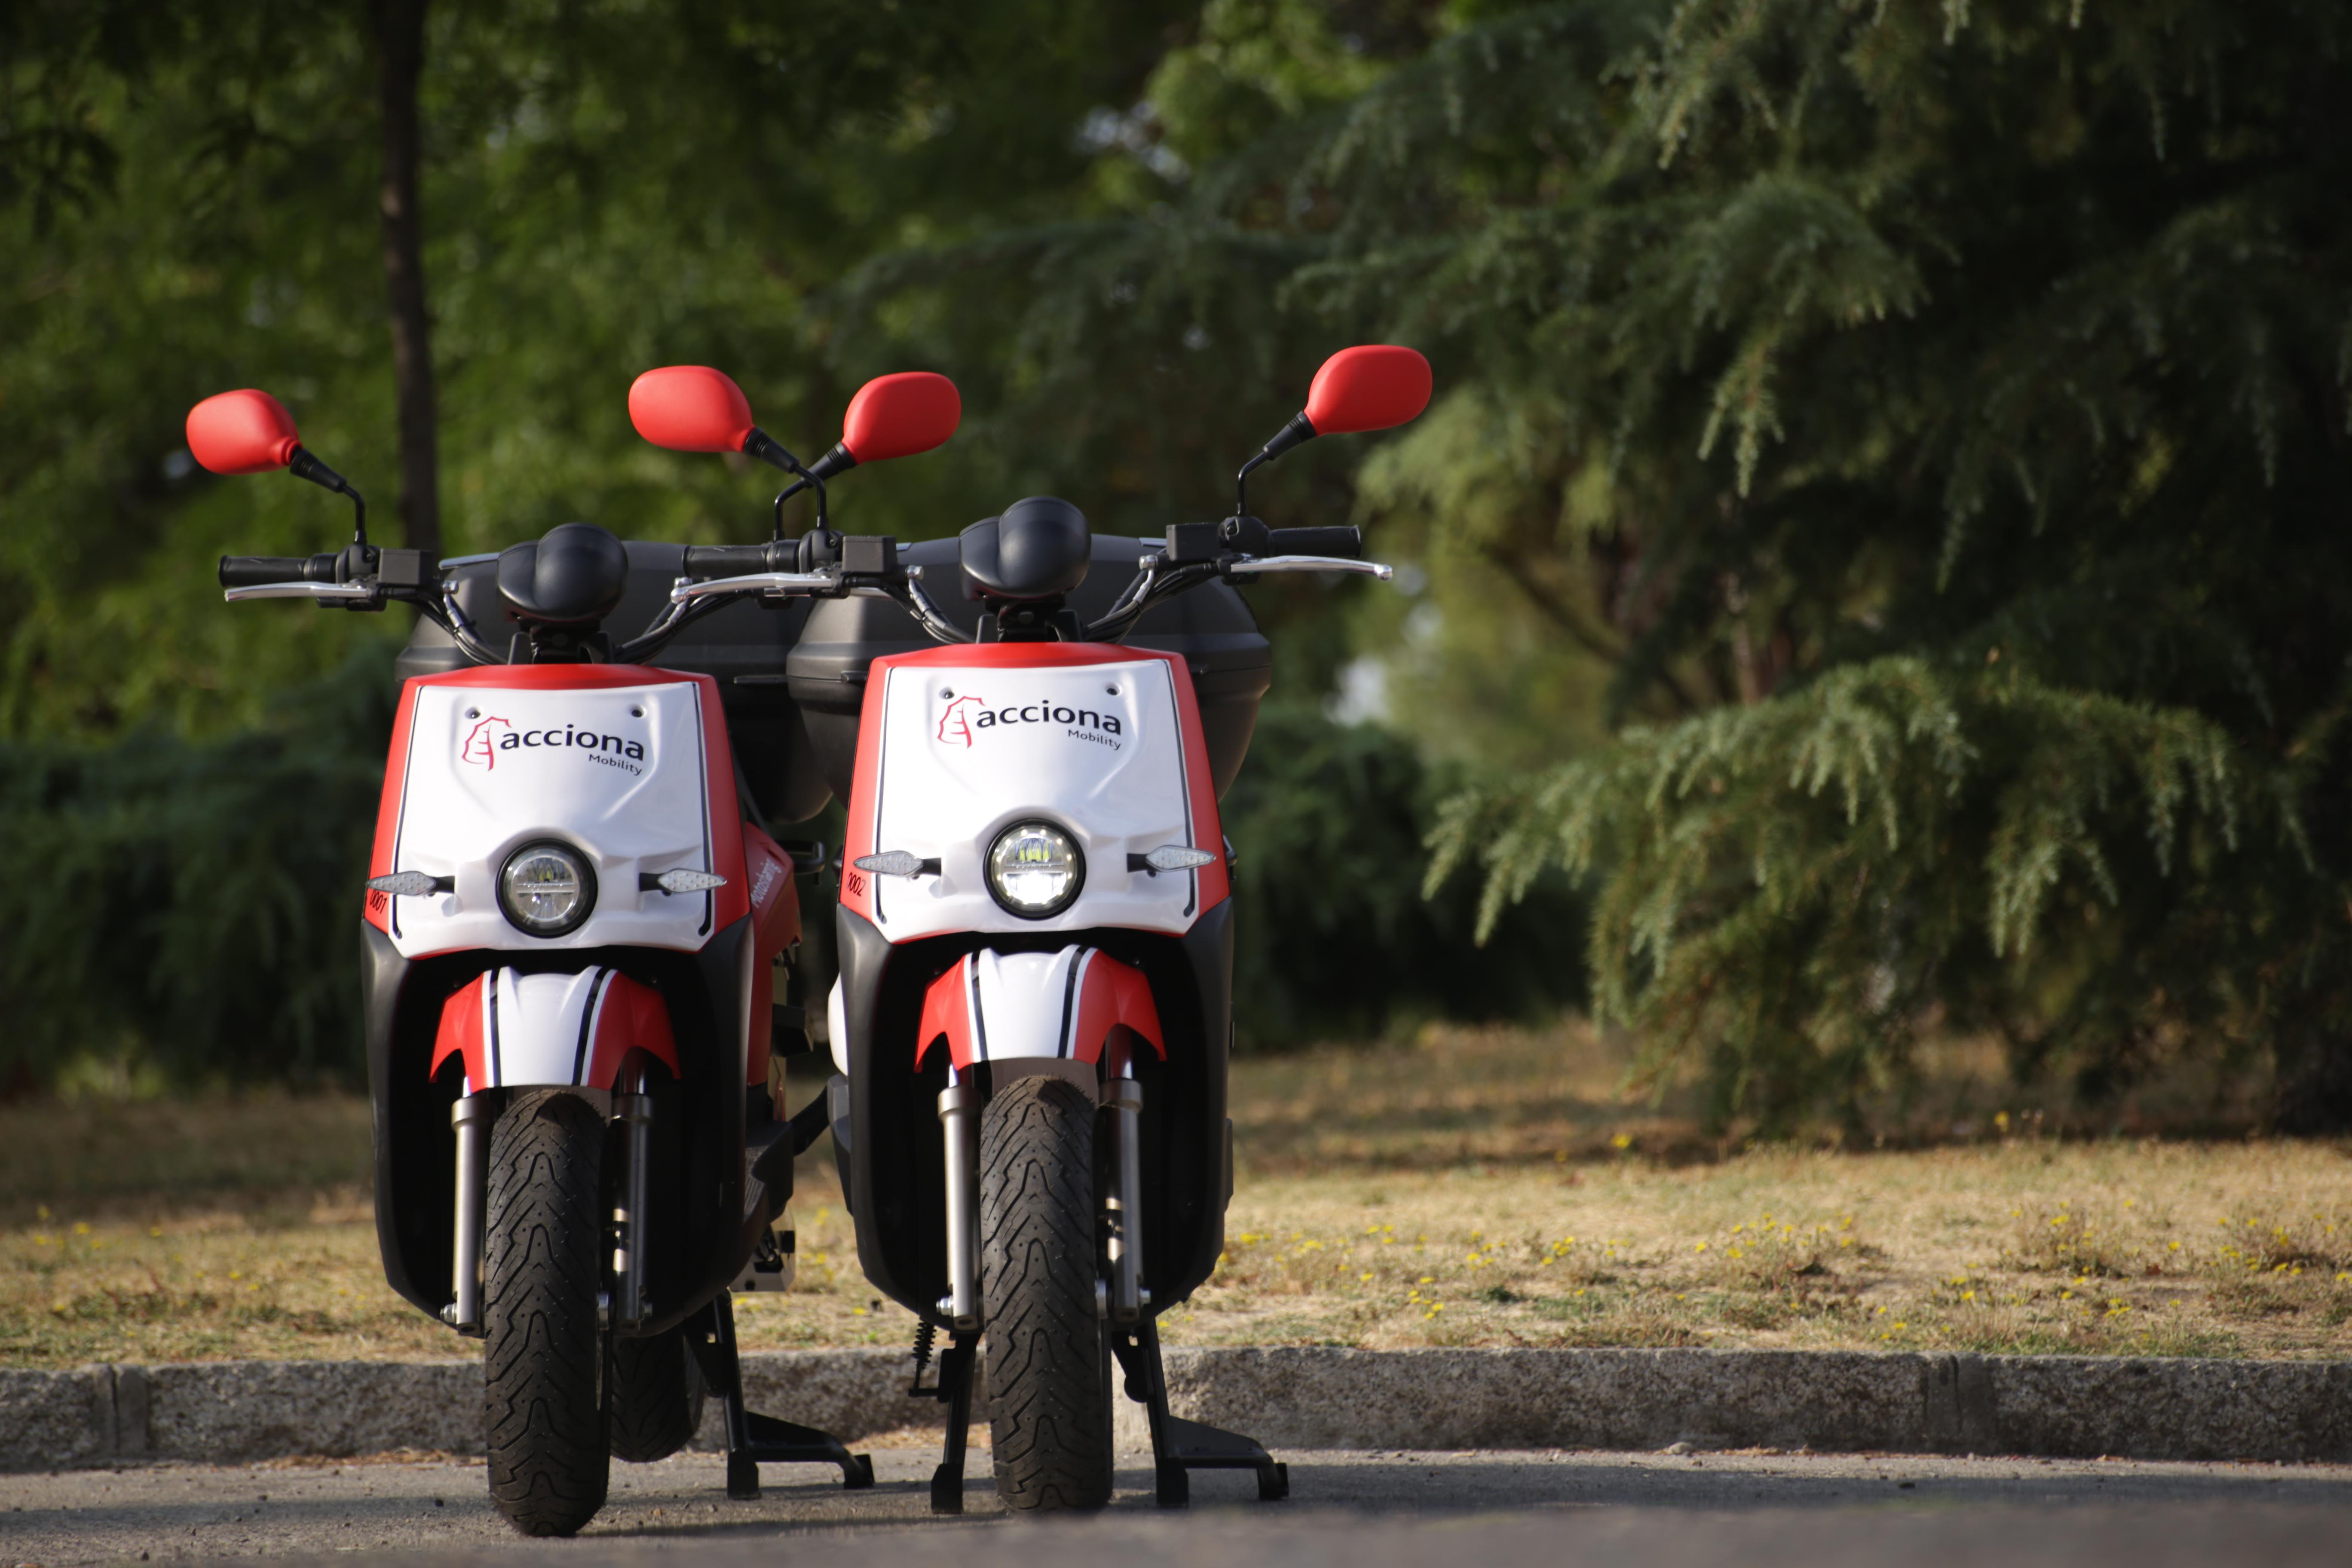 ¡¡60 minutos GRATIS en motos ACCIONA (nuevos usuarios) !!